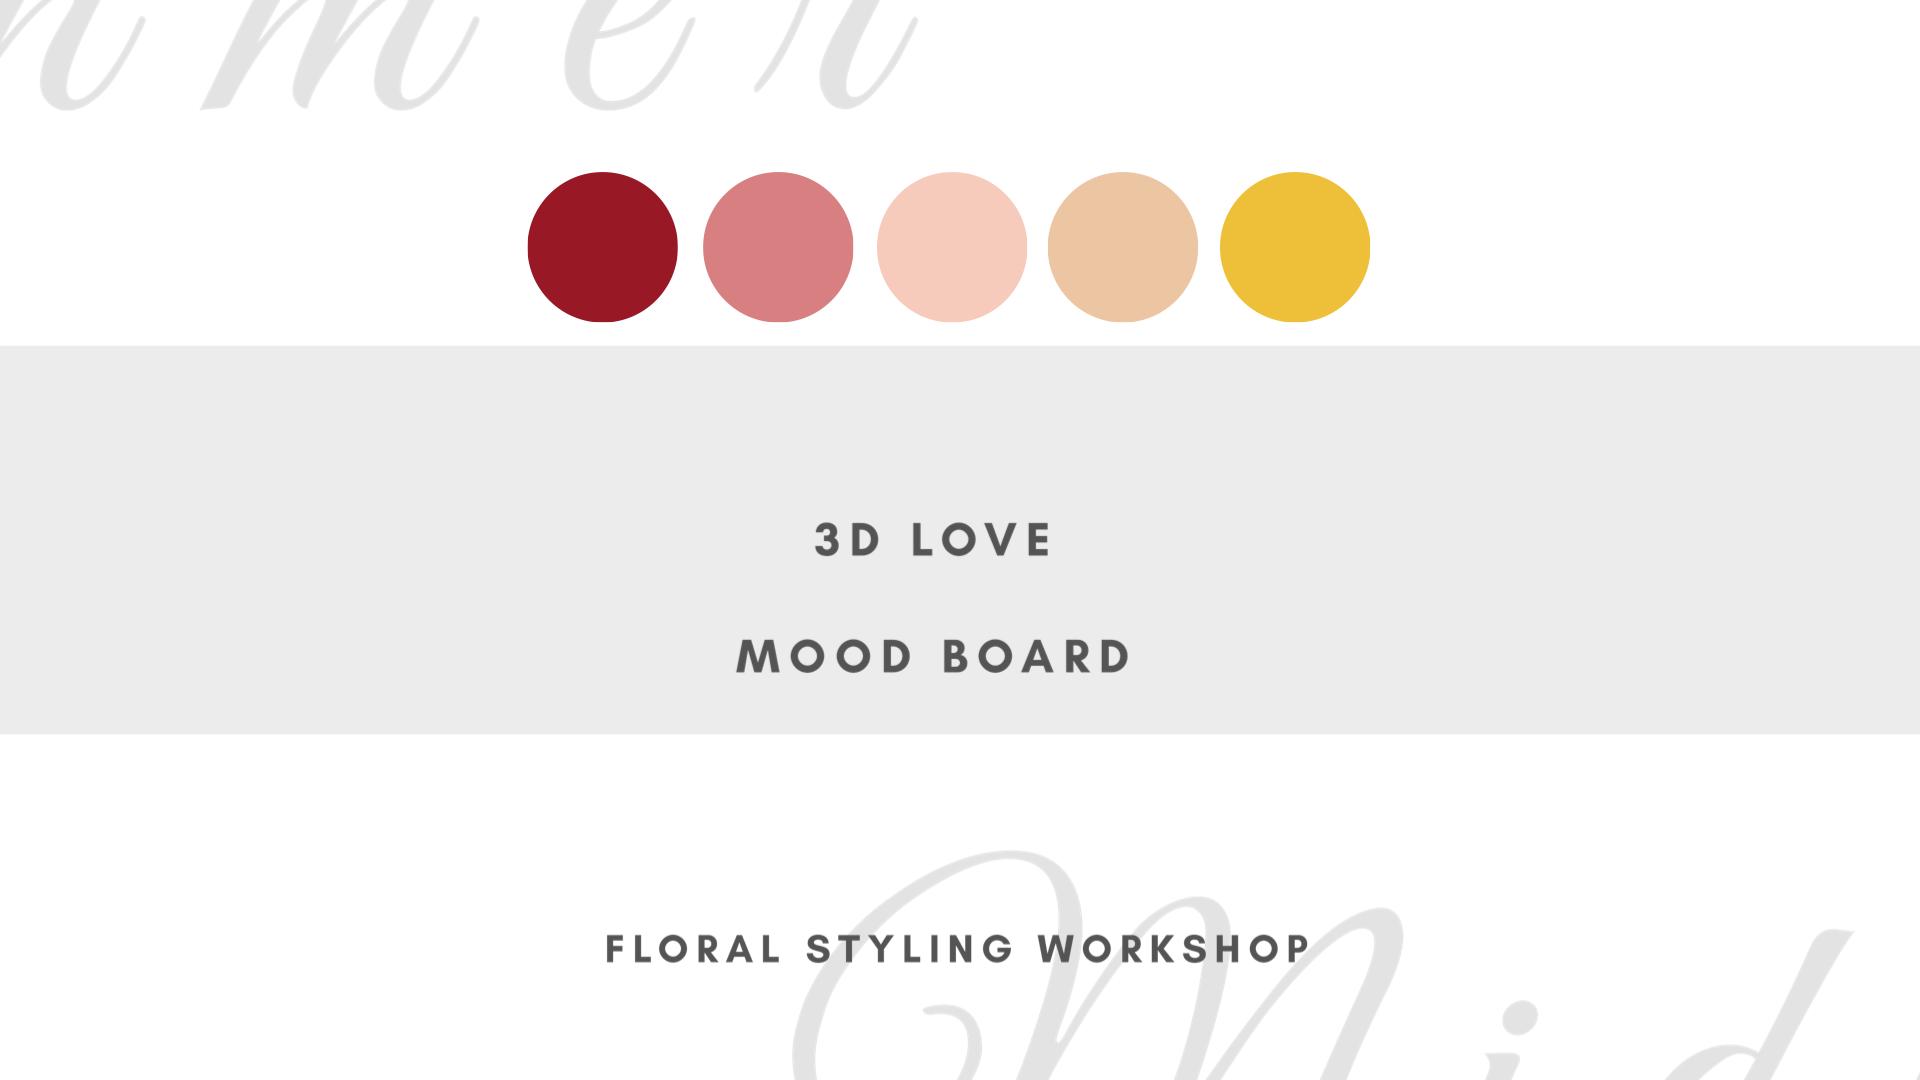 MOOD BOARD 3D LOVE FLORAL WORKSHOP MIDSUMMER